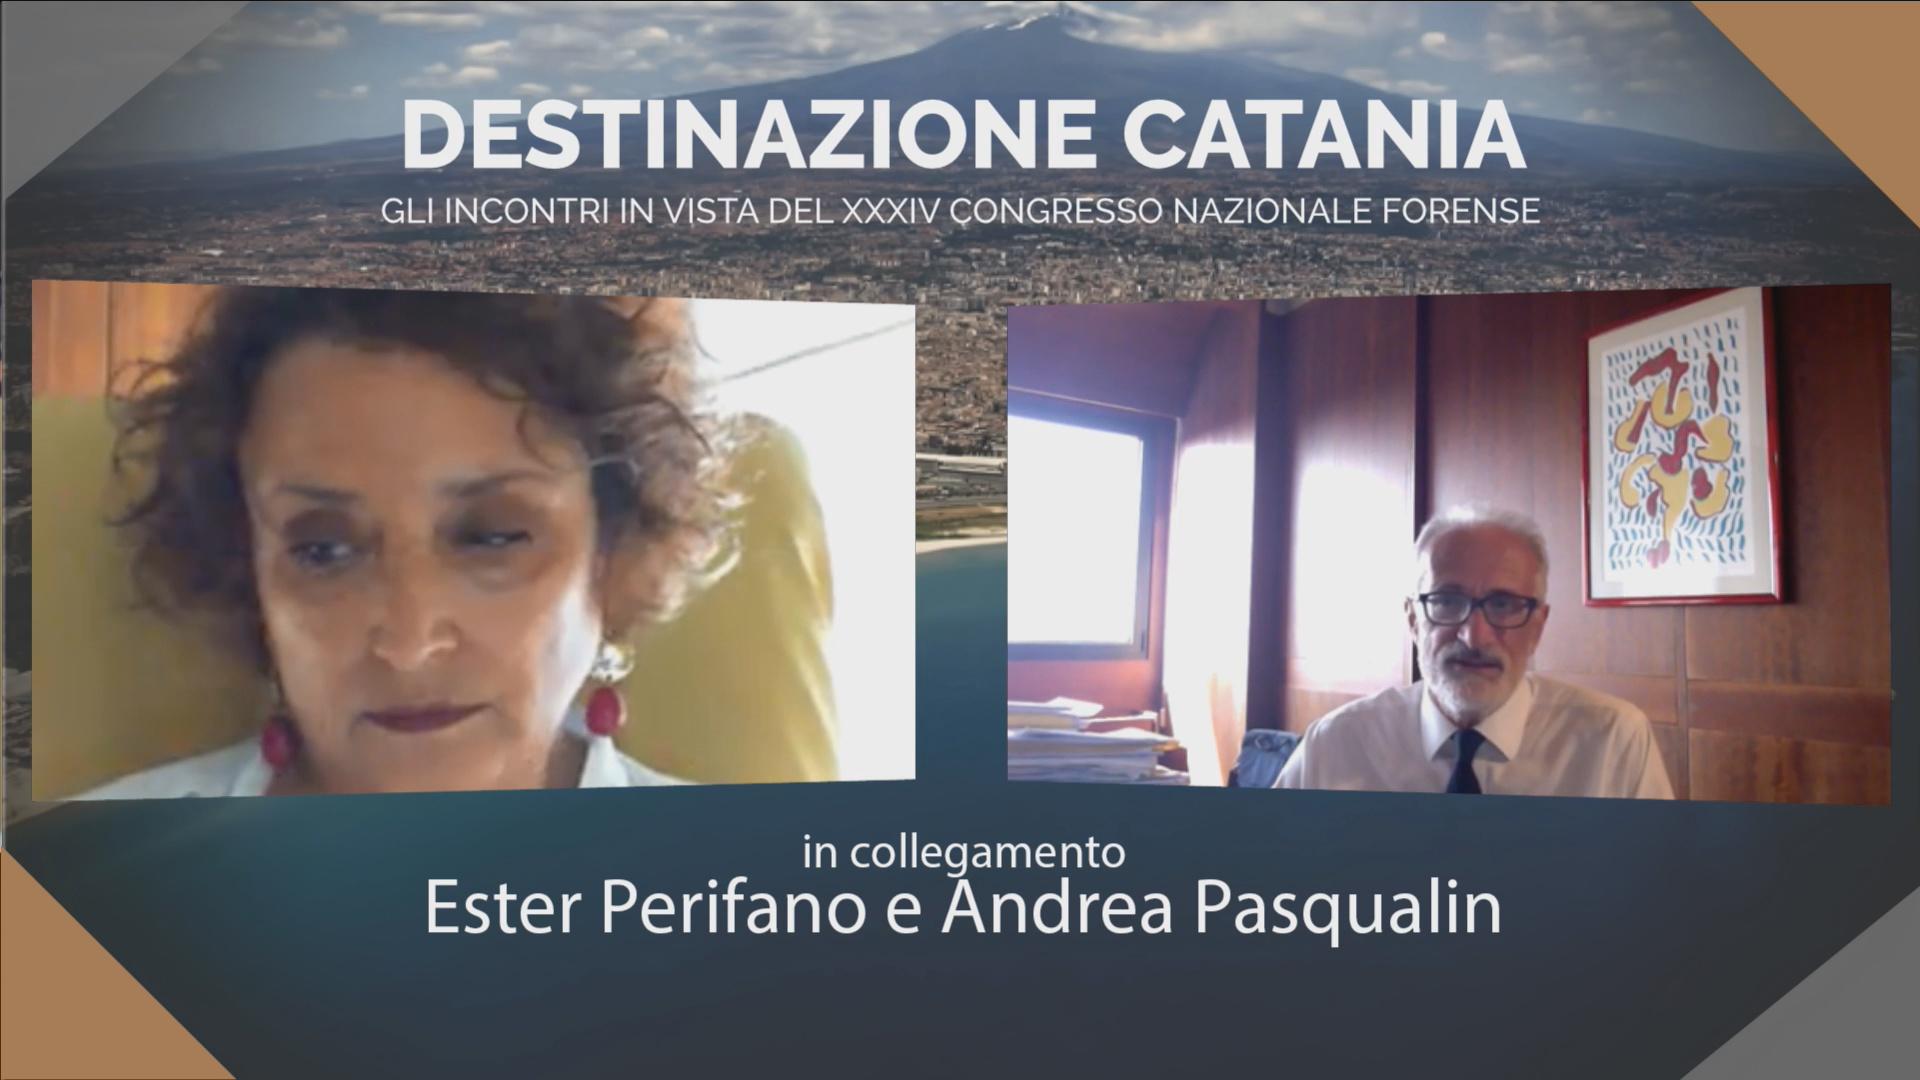 DESTINAZIONE CATANIA. INCONTRO IN VISTA DEL XXXIV CONGRESSO NAZIONALE FORENSE. ESTER PERIFANO E ANDREA PASQUALIN